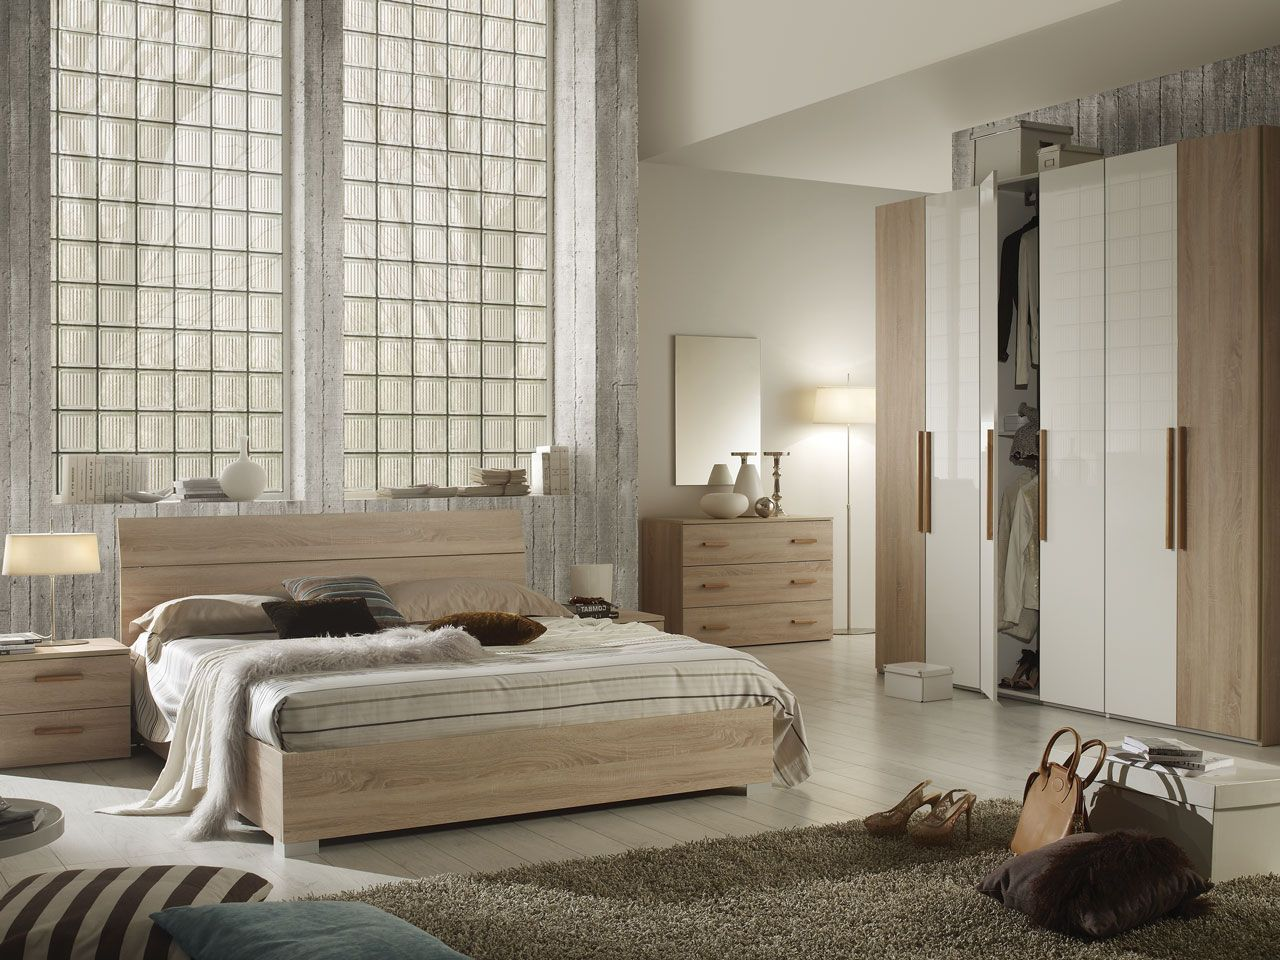 Camera da letto Mercatoneuno | Nuova casa nel 2019 | Home, Furniture ...